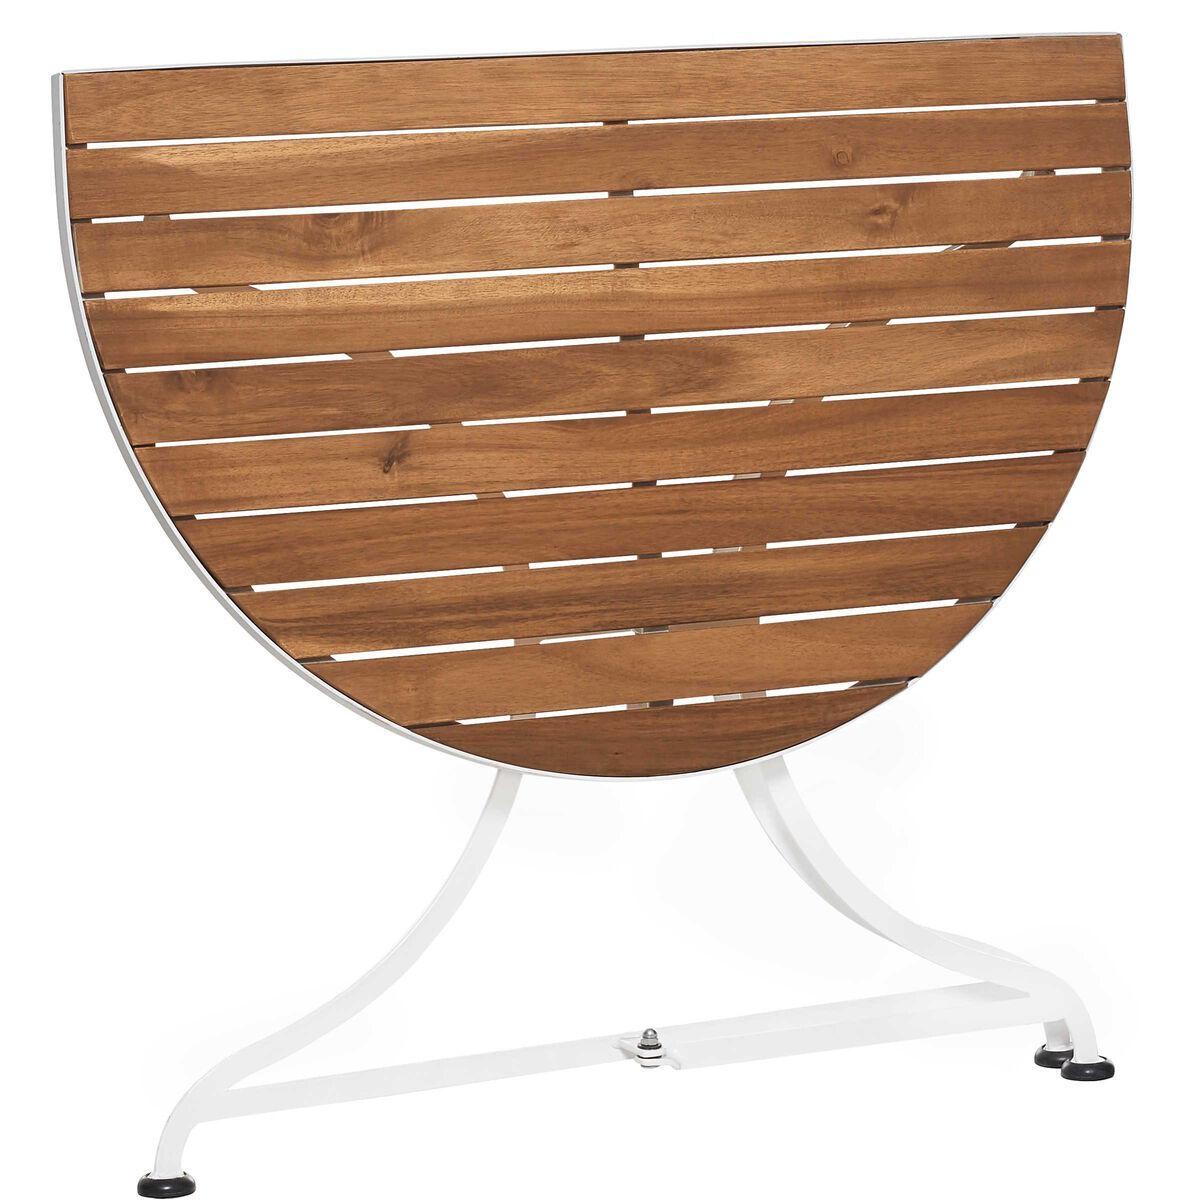 Bild 2 von Balkon-Klapptisch mit 2 Stühlen